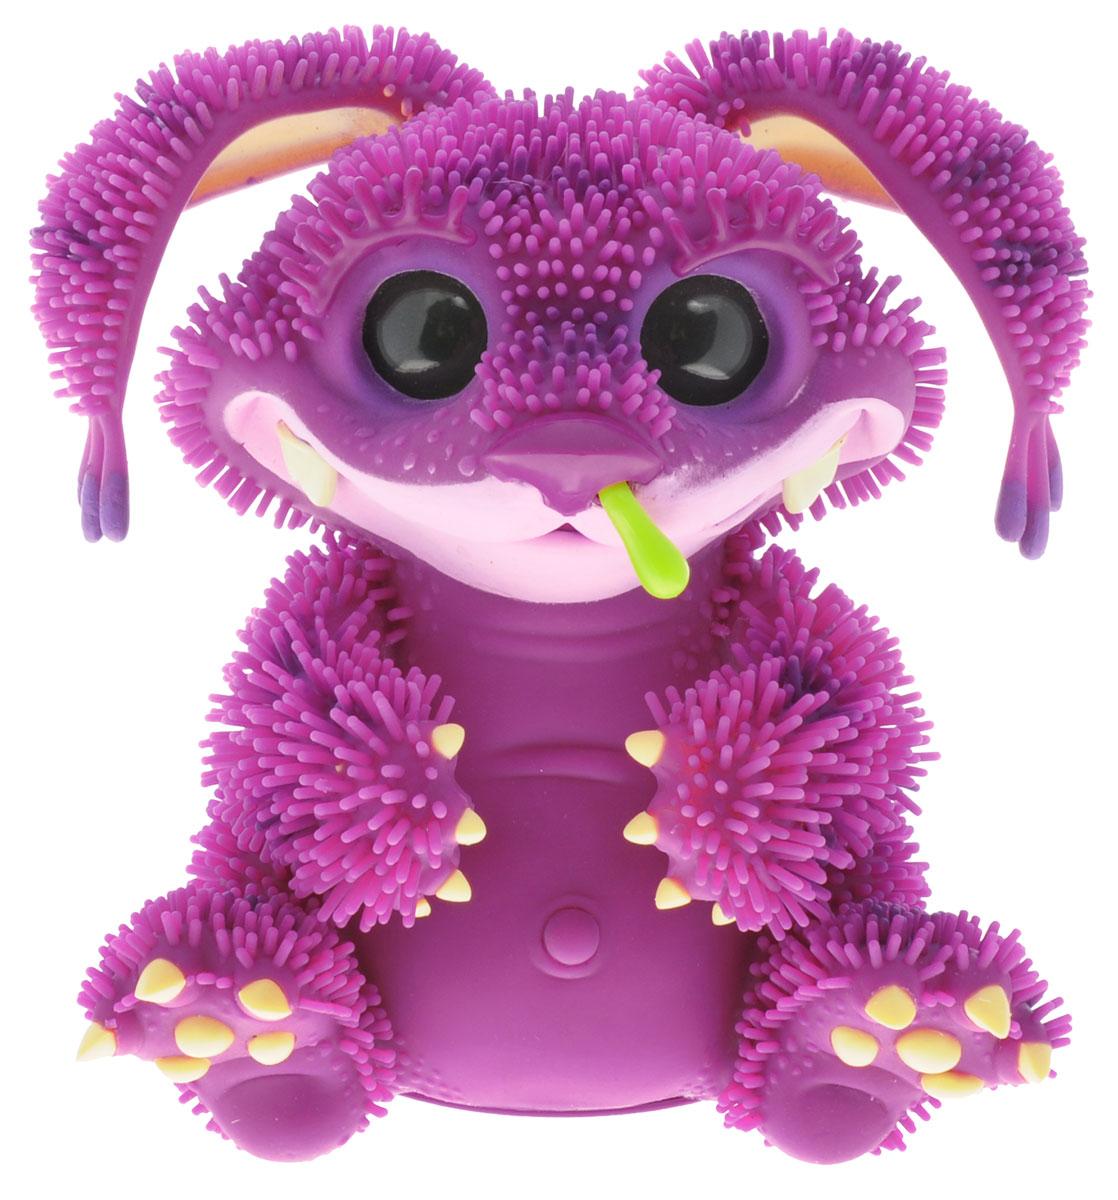 Giochi Preziosi Интерактивная игрушка Монстр Xeno цвет розовый фиолетовыйGPH78150/RUИнтерактивная игрушка Монстр Xeno непременно приведет в восторг вашего малыша. Приятная на ощупь игрушка выполнена в виде очаровательного монстрика с большими пластиковыми глазками. Игрушка замечательно поет и танцует, или может ворчать и поскуливать. Монстрик любит поглаживание лапок, животика, головы и ушей, любит поесть, иногда даже без меры. А еще он может иногда расстроиться и заболеть. Проявляет огромное количество эмоций. По всему телу игрушки расположены датчики, взаимодействуя с которыми, можно заставить Xeno поднимать ушки, покачиваясь, передвигаться на лапах, совершать движения головой, открыть и закрыть рот. Если Xeno будет не один, и рядом поставить других монстриков, они будут общаться на собственном смешном языке, шутить и петь песенки. Xeno наделен собственным приложением для Android. Его загрузку на свой планшет или телефон вы произведете бесплатно. Используя его, вы будете кормить Xeno, или лечить. Игрушка принесет ребенку много...